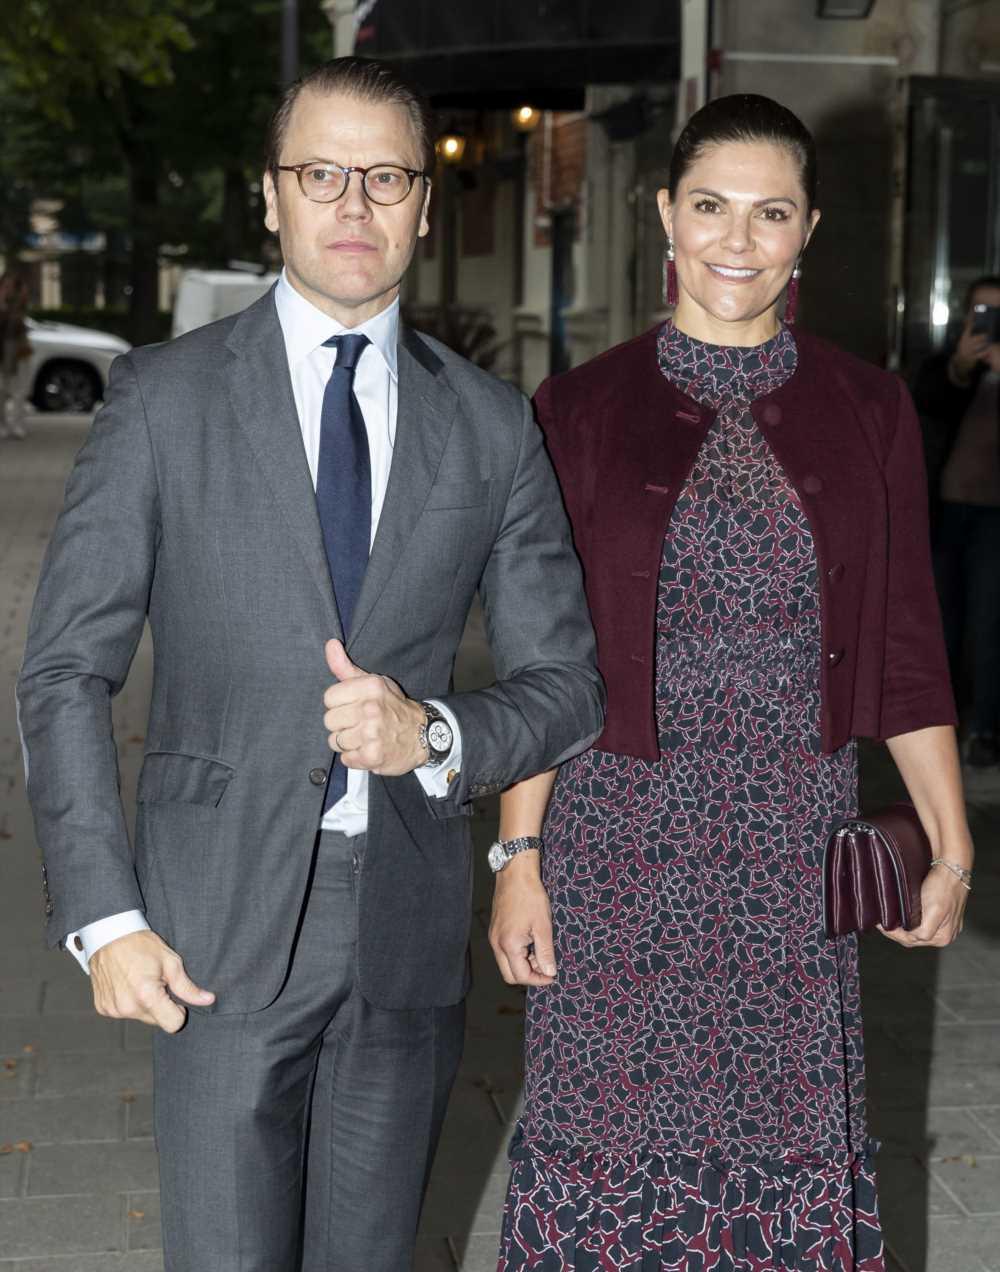 La princesa Victoria de Suecia y su marido, Daniel Westling, dan positivo en coronavirus